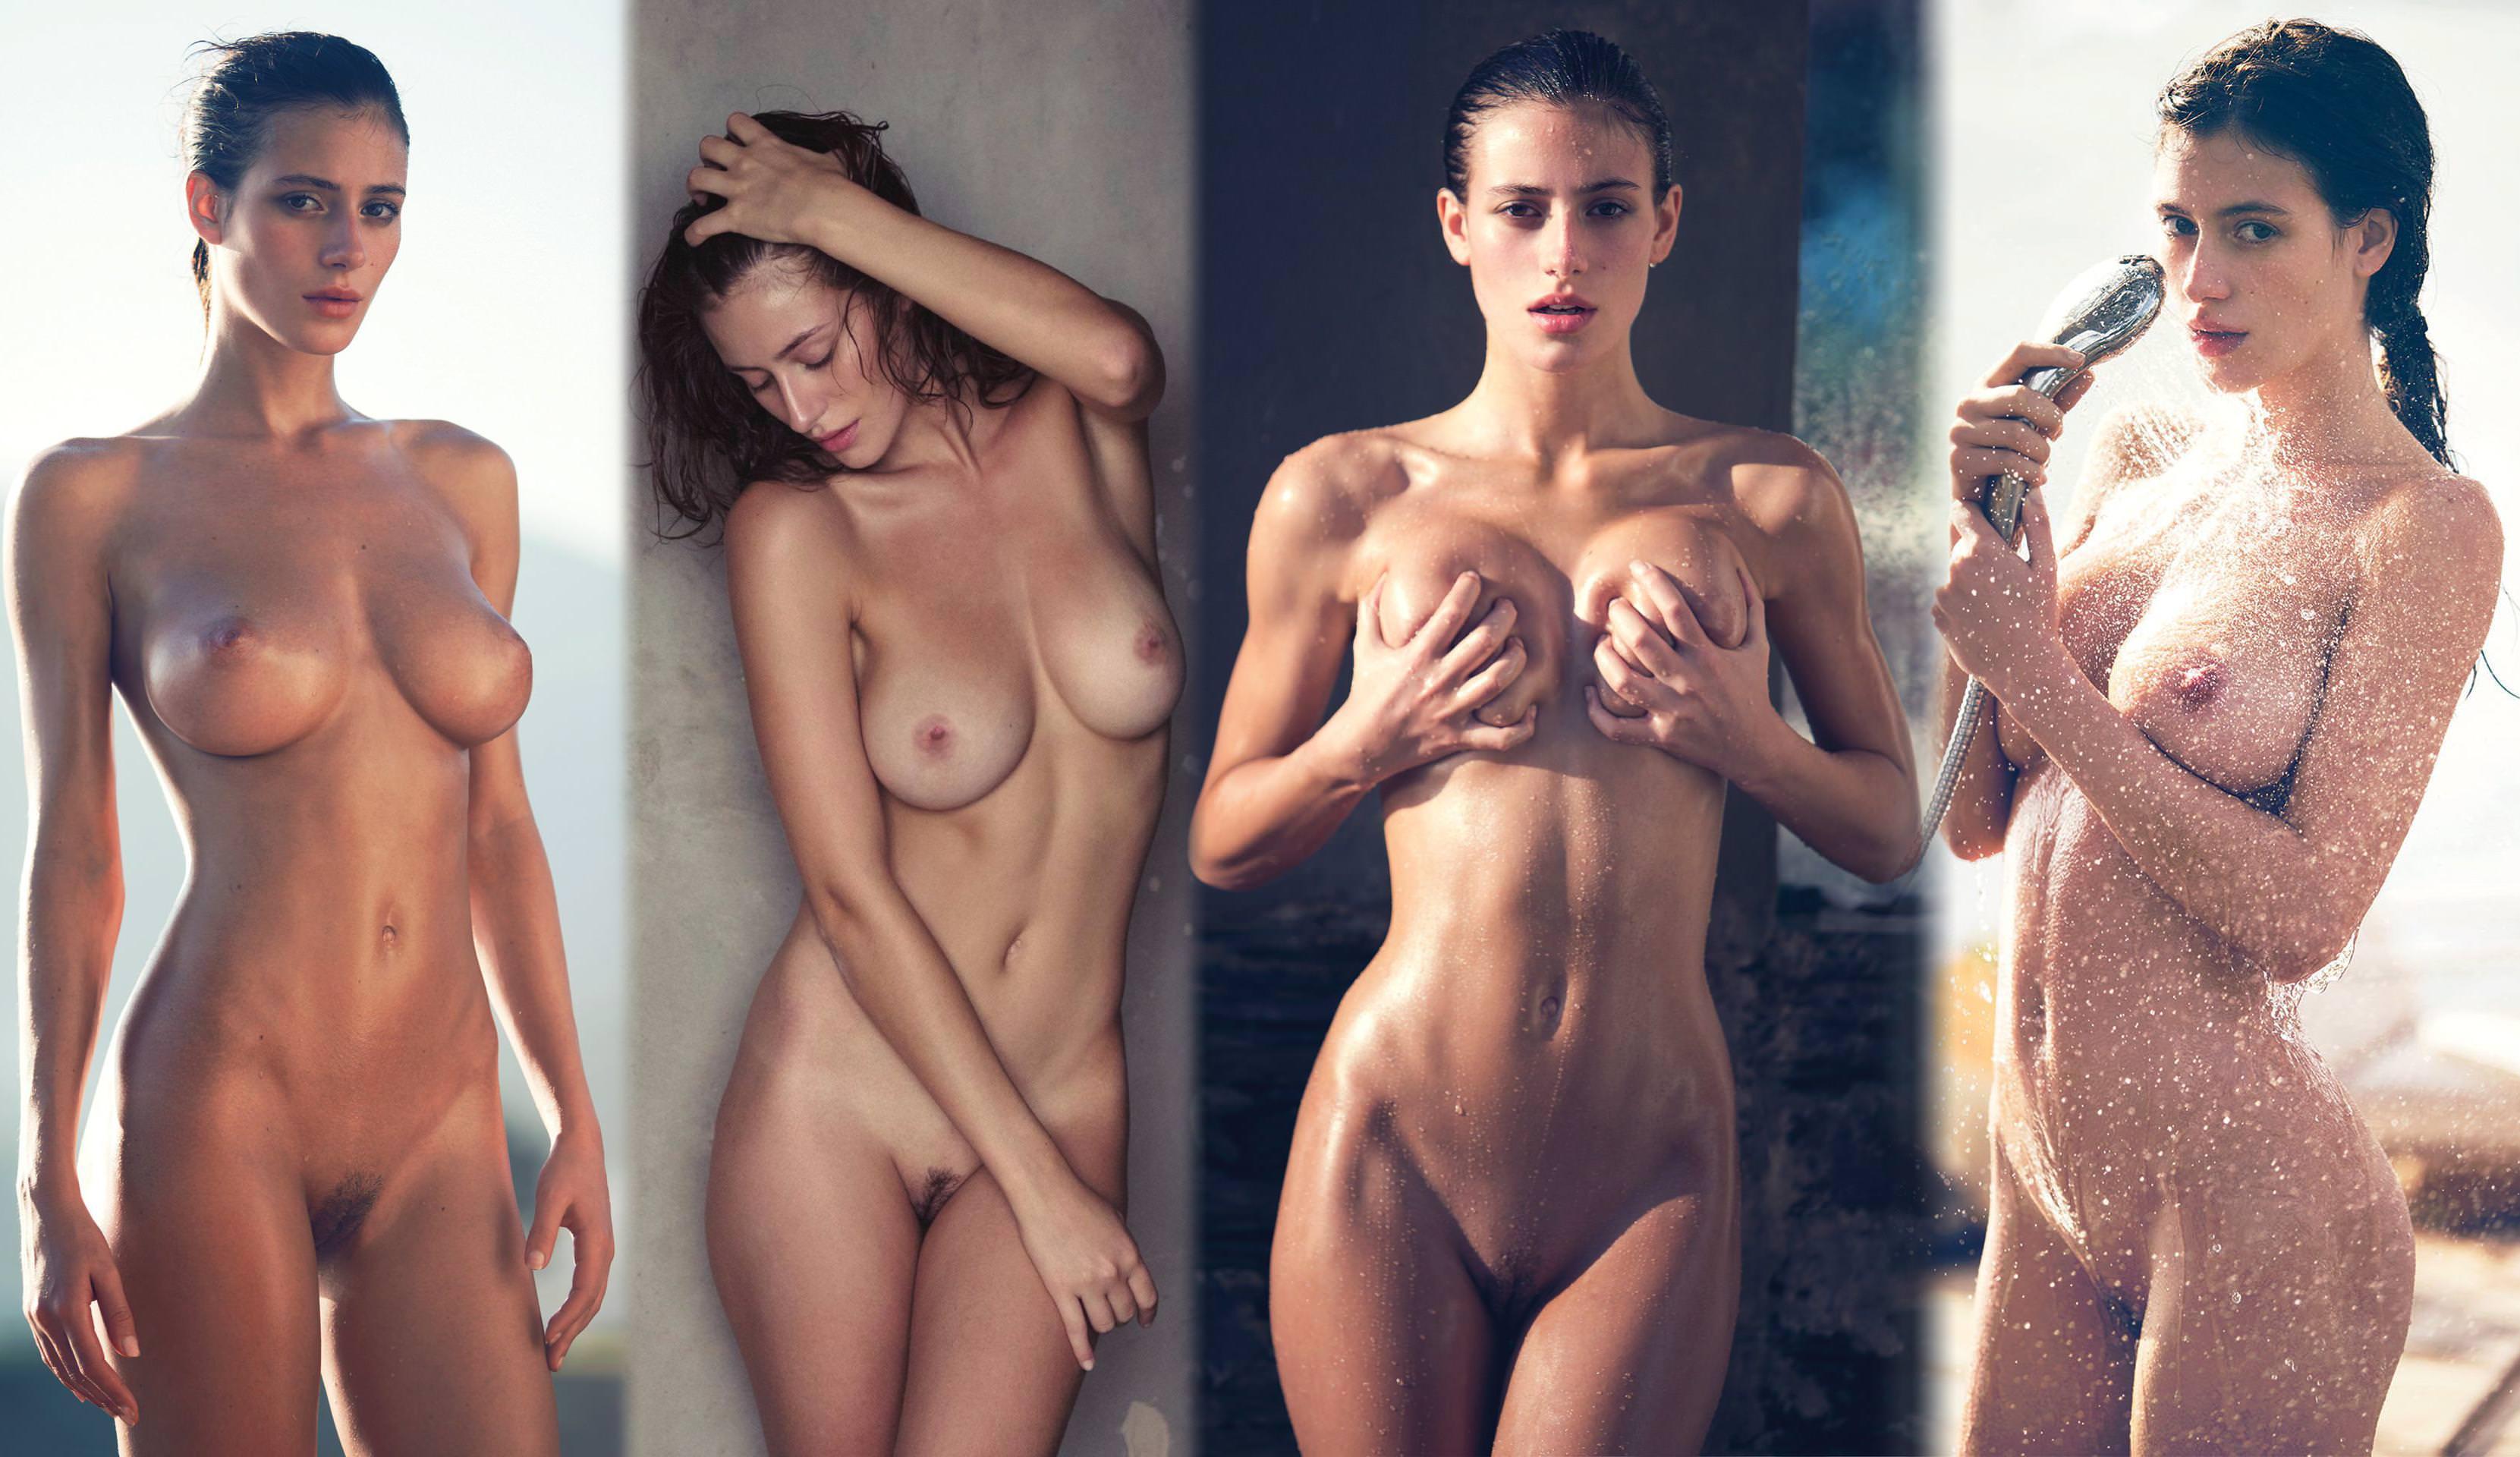 Alejandra Porno alejandra guilmant porn pic - eporner